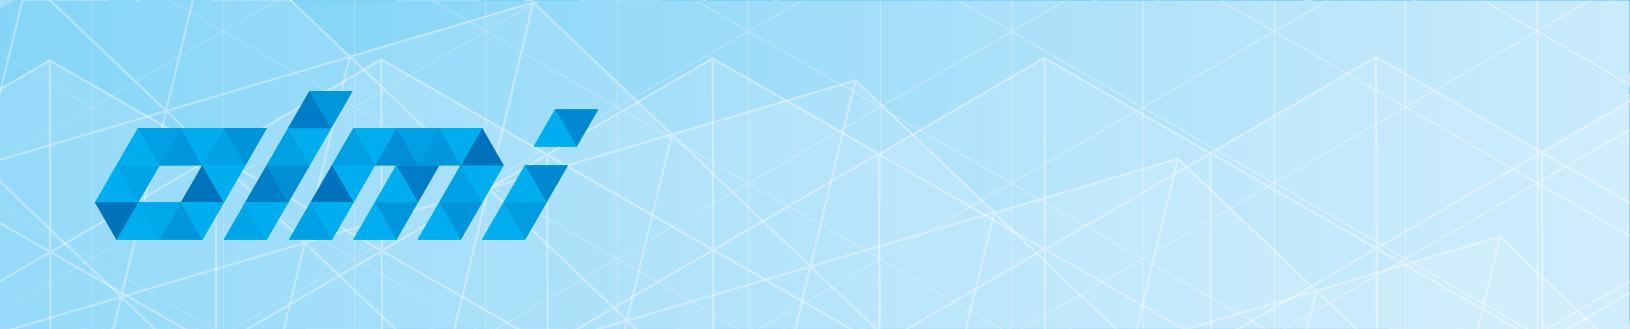 Разработка логотипа и фона фото f_916598a00298417a.jpg